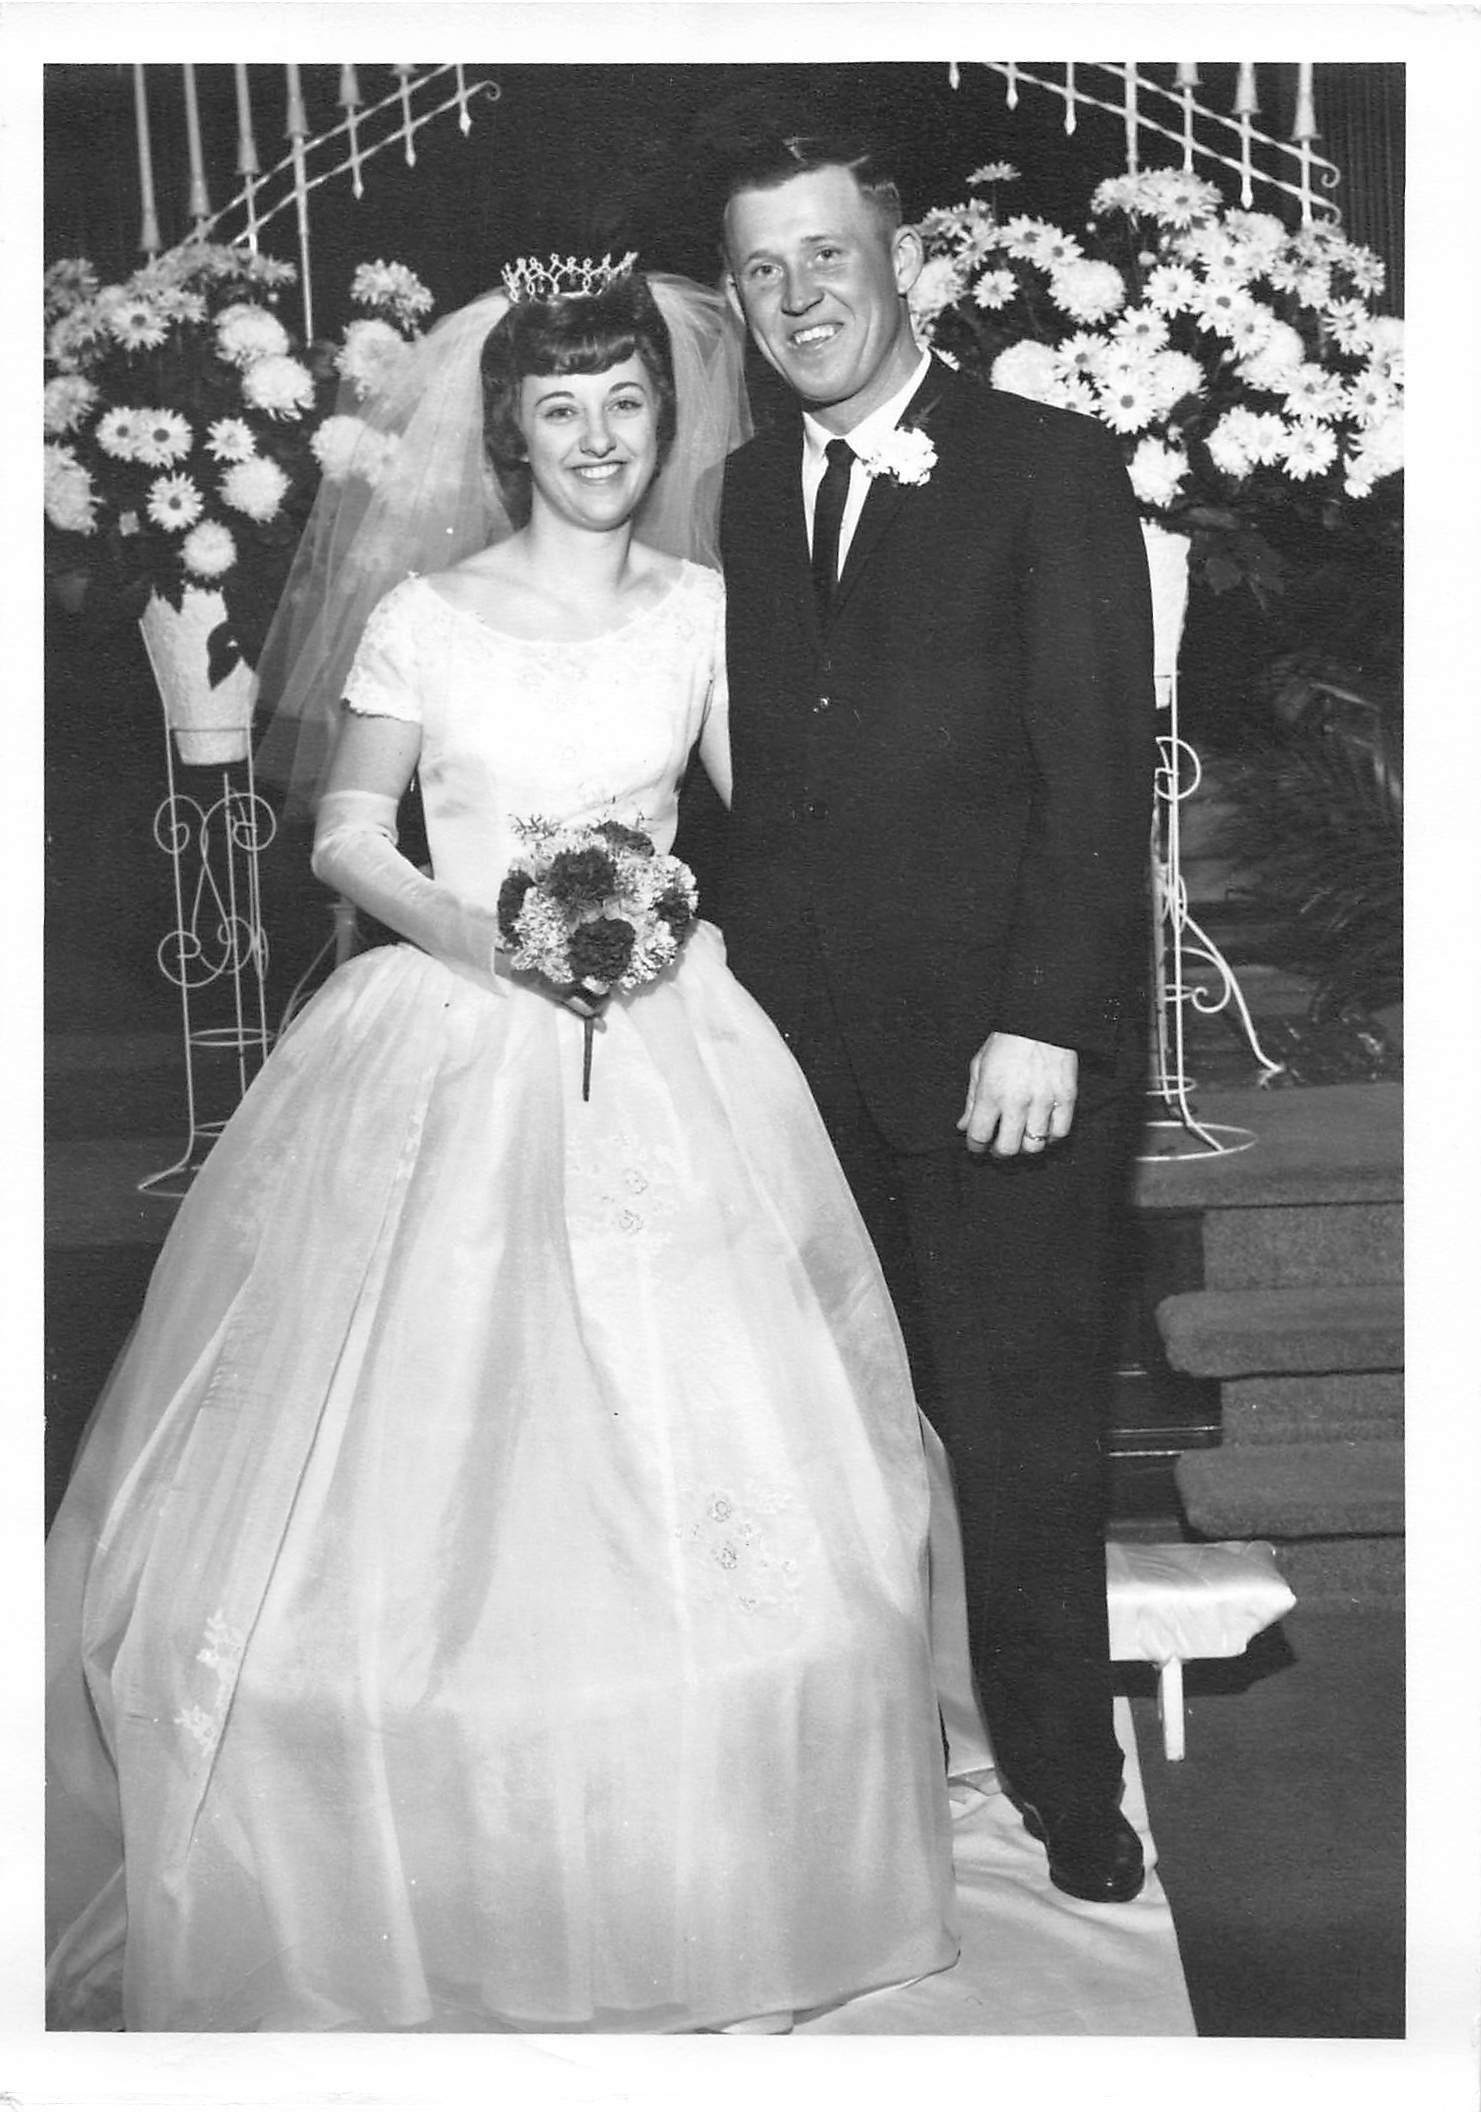 Obituary for Nancy Greene (Photo album)